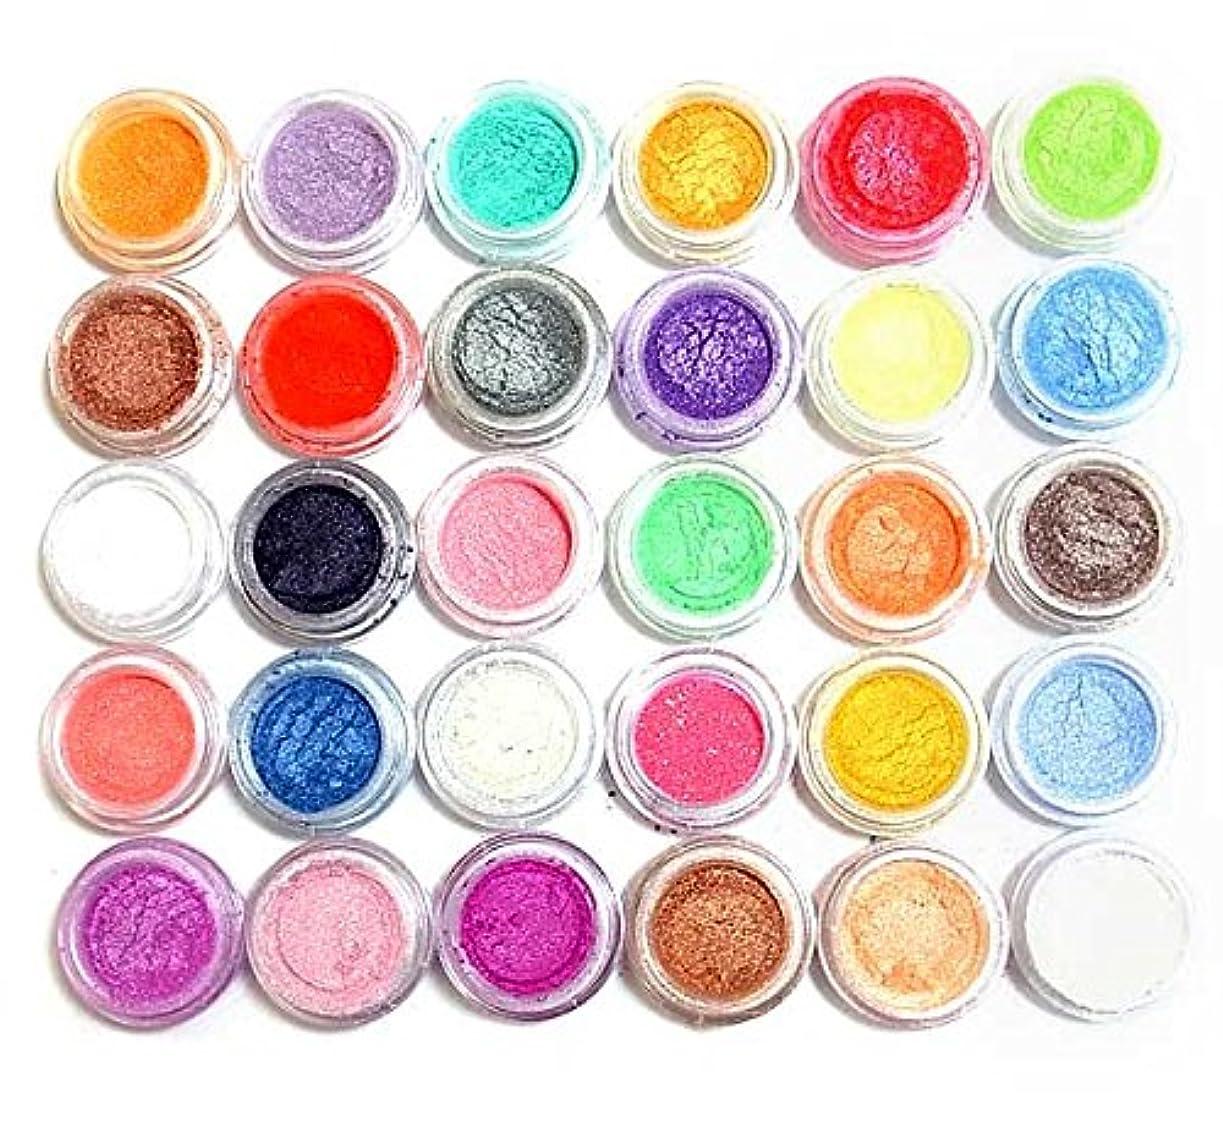 経由で集まる壊滅的な【新色】カラーパウダー顔料30色セット?クリアジェルに混ぜてパールカラージェルに!